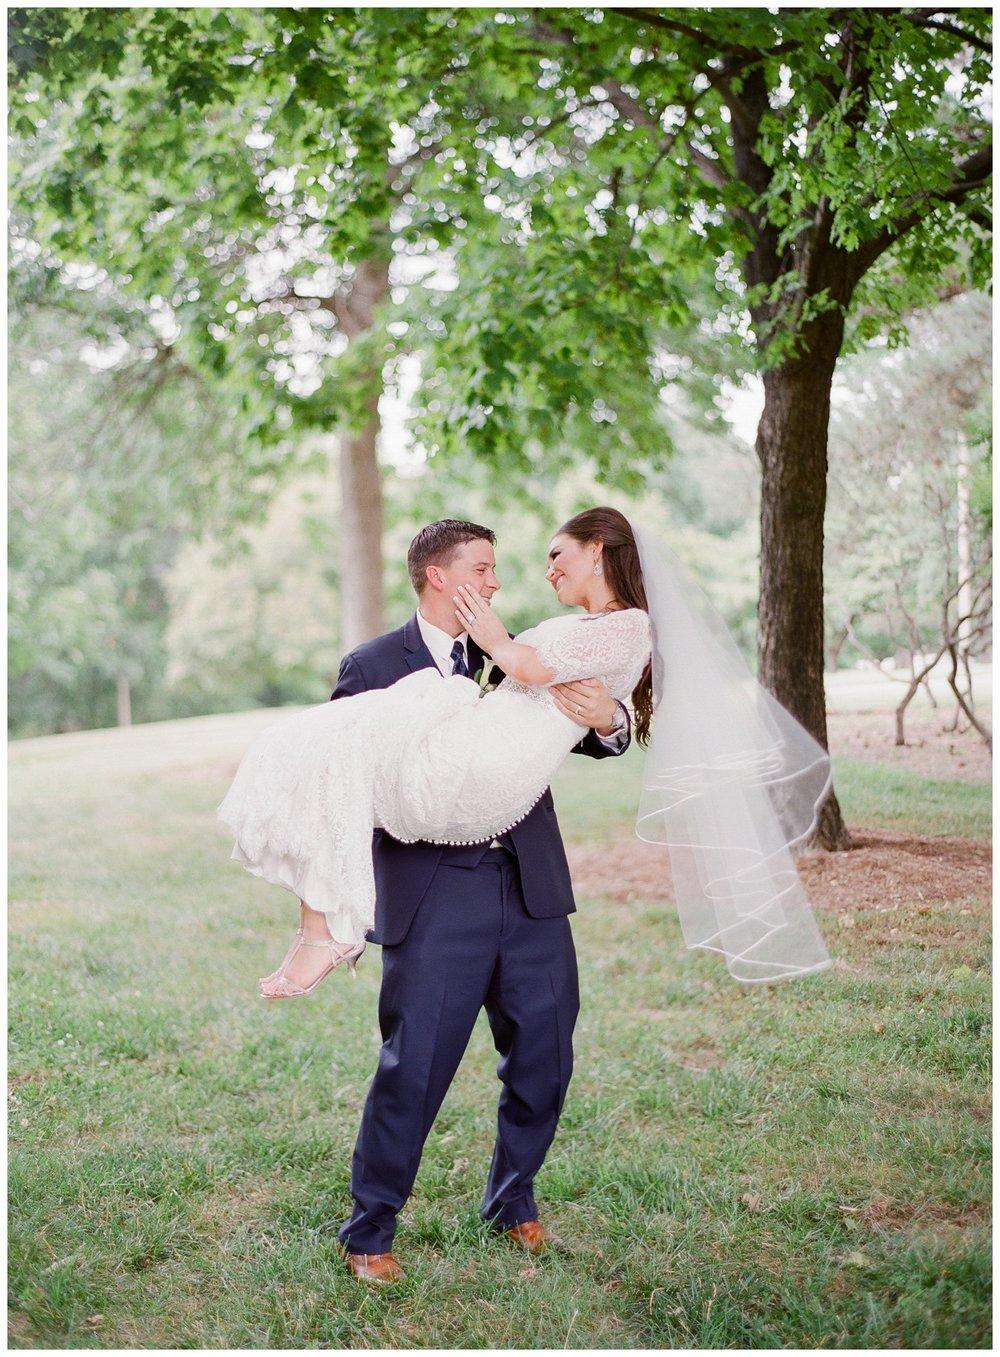 lauren muckler photography_fine art film wedding photography_st louis_photography_1261.jpg